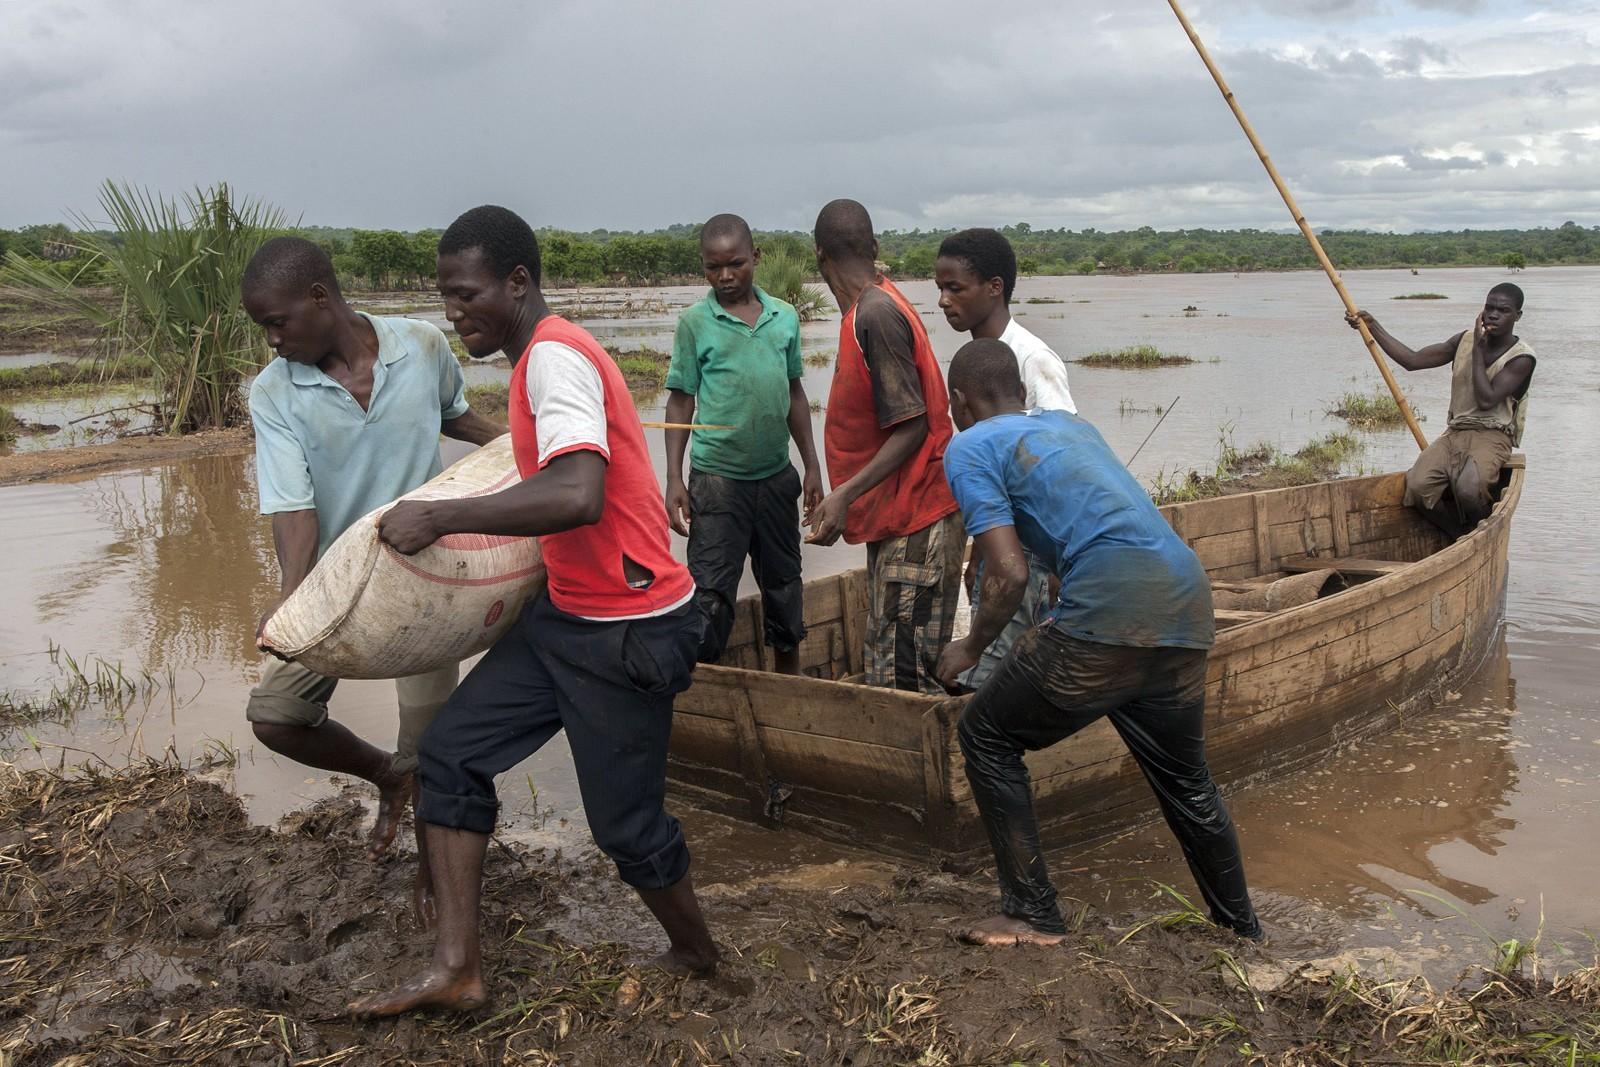 Veinettet er ødelagt. Nødhjelpen må fraktes med båt eller helikopter.